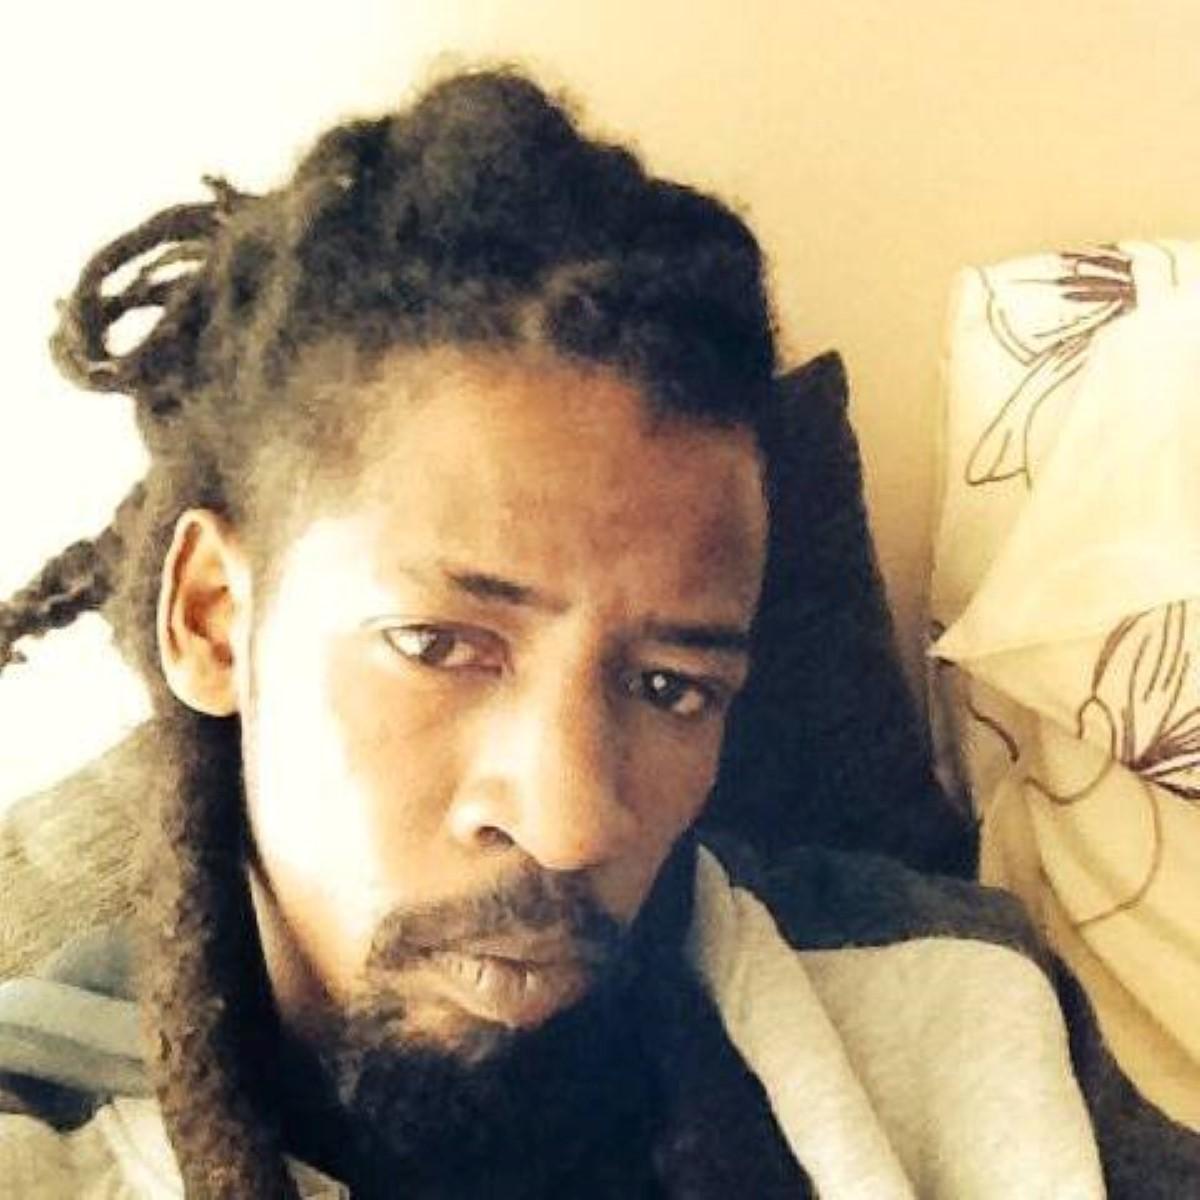 La descente aux enfers pour le chanteur Don Panik, arrêté de nouveau, pour vol avec violence